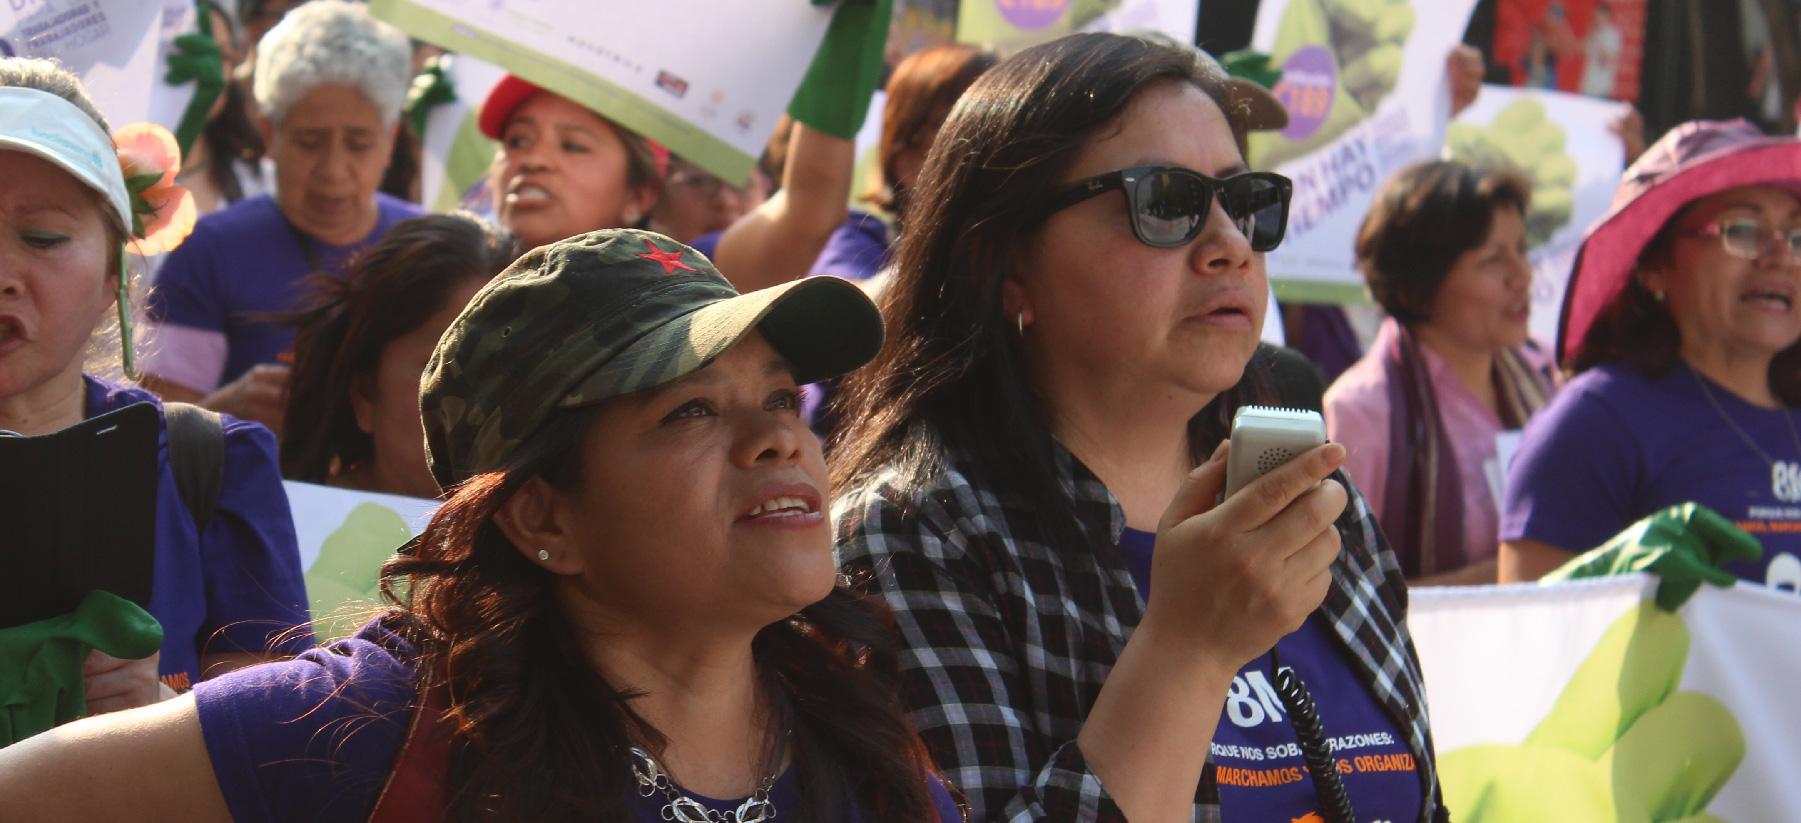 Peña Nieto: cumple tu promesa. Ratifica el #Convenio189